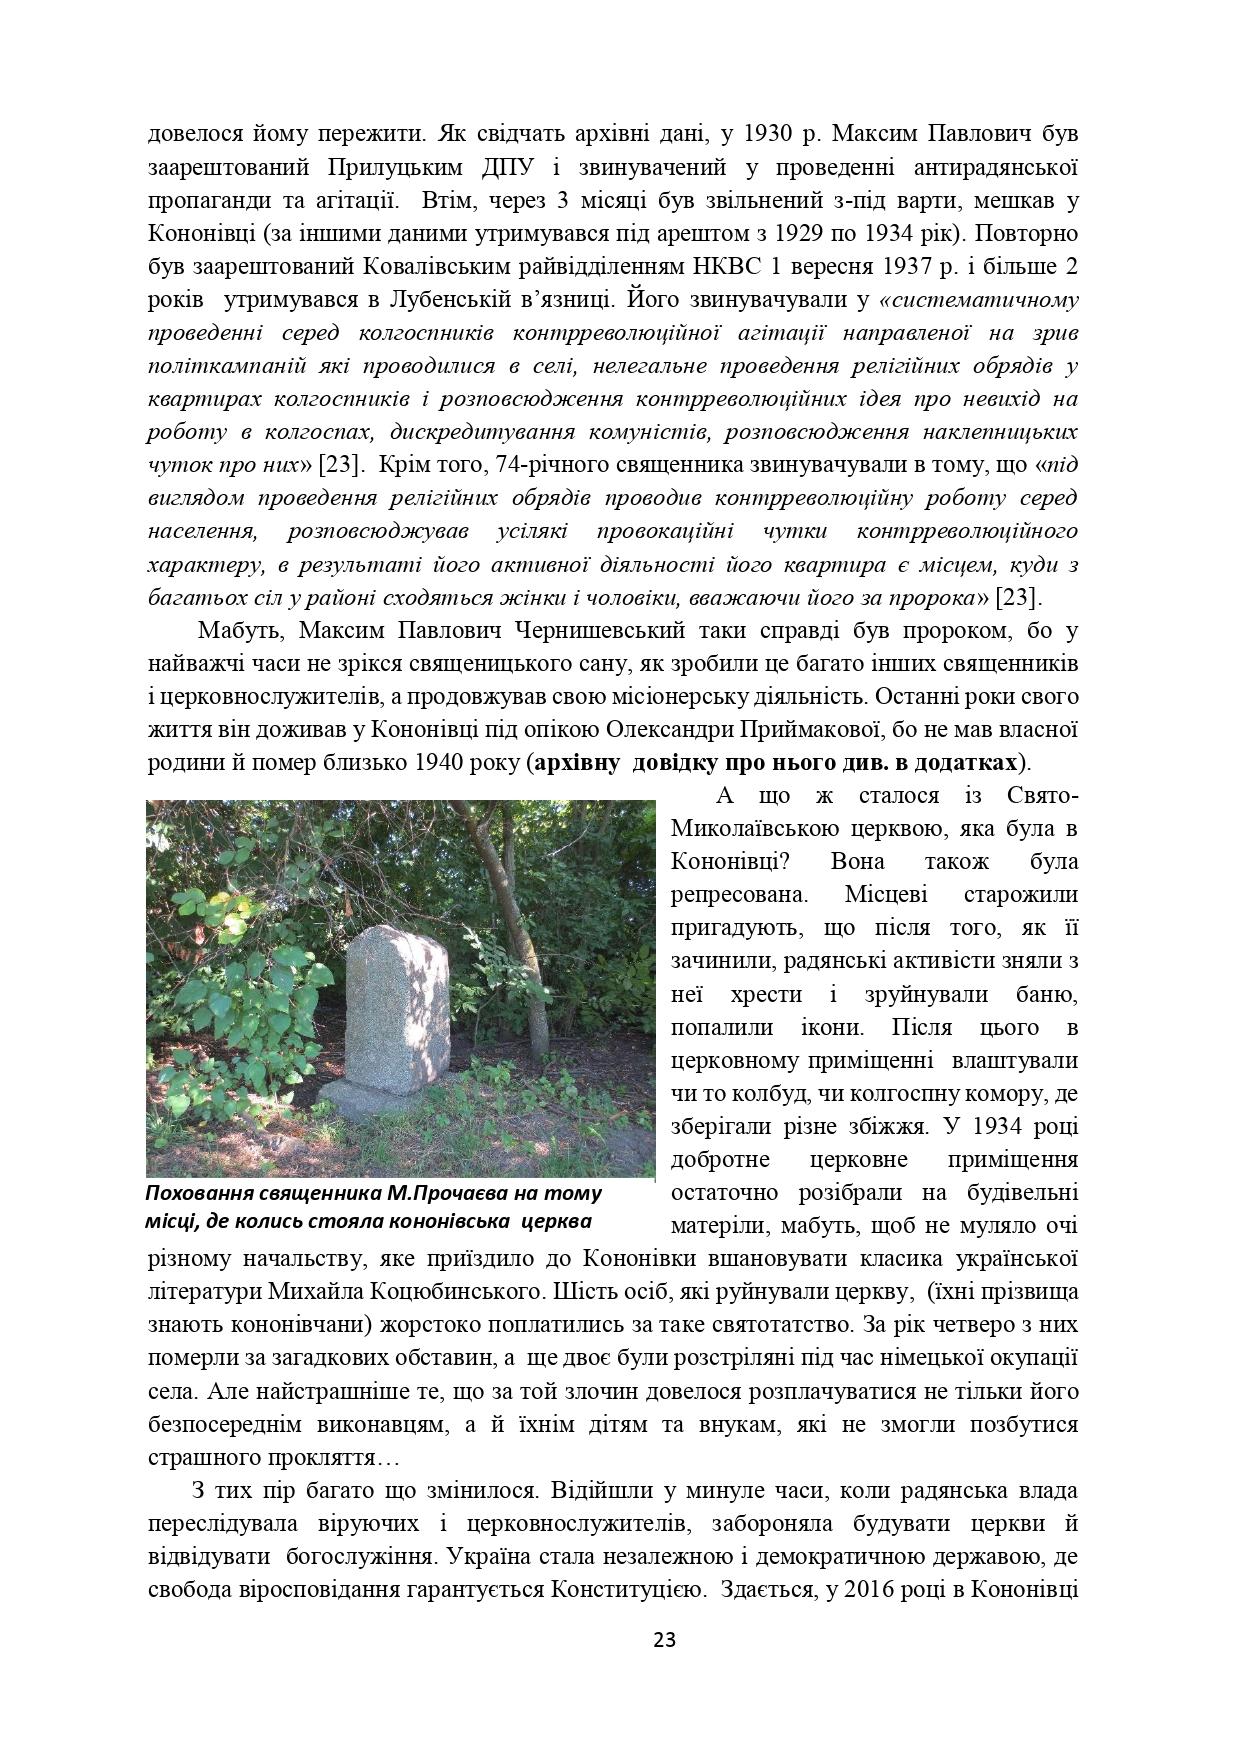 ІСТОРІЯ СЕЛА КОНОНІВКА 2021 (1)_page-0023